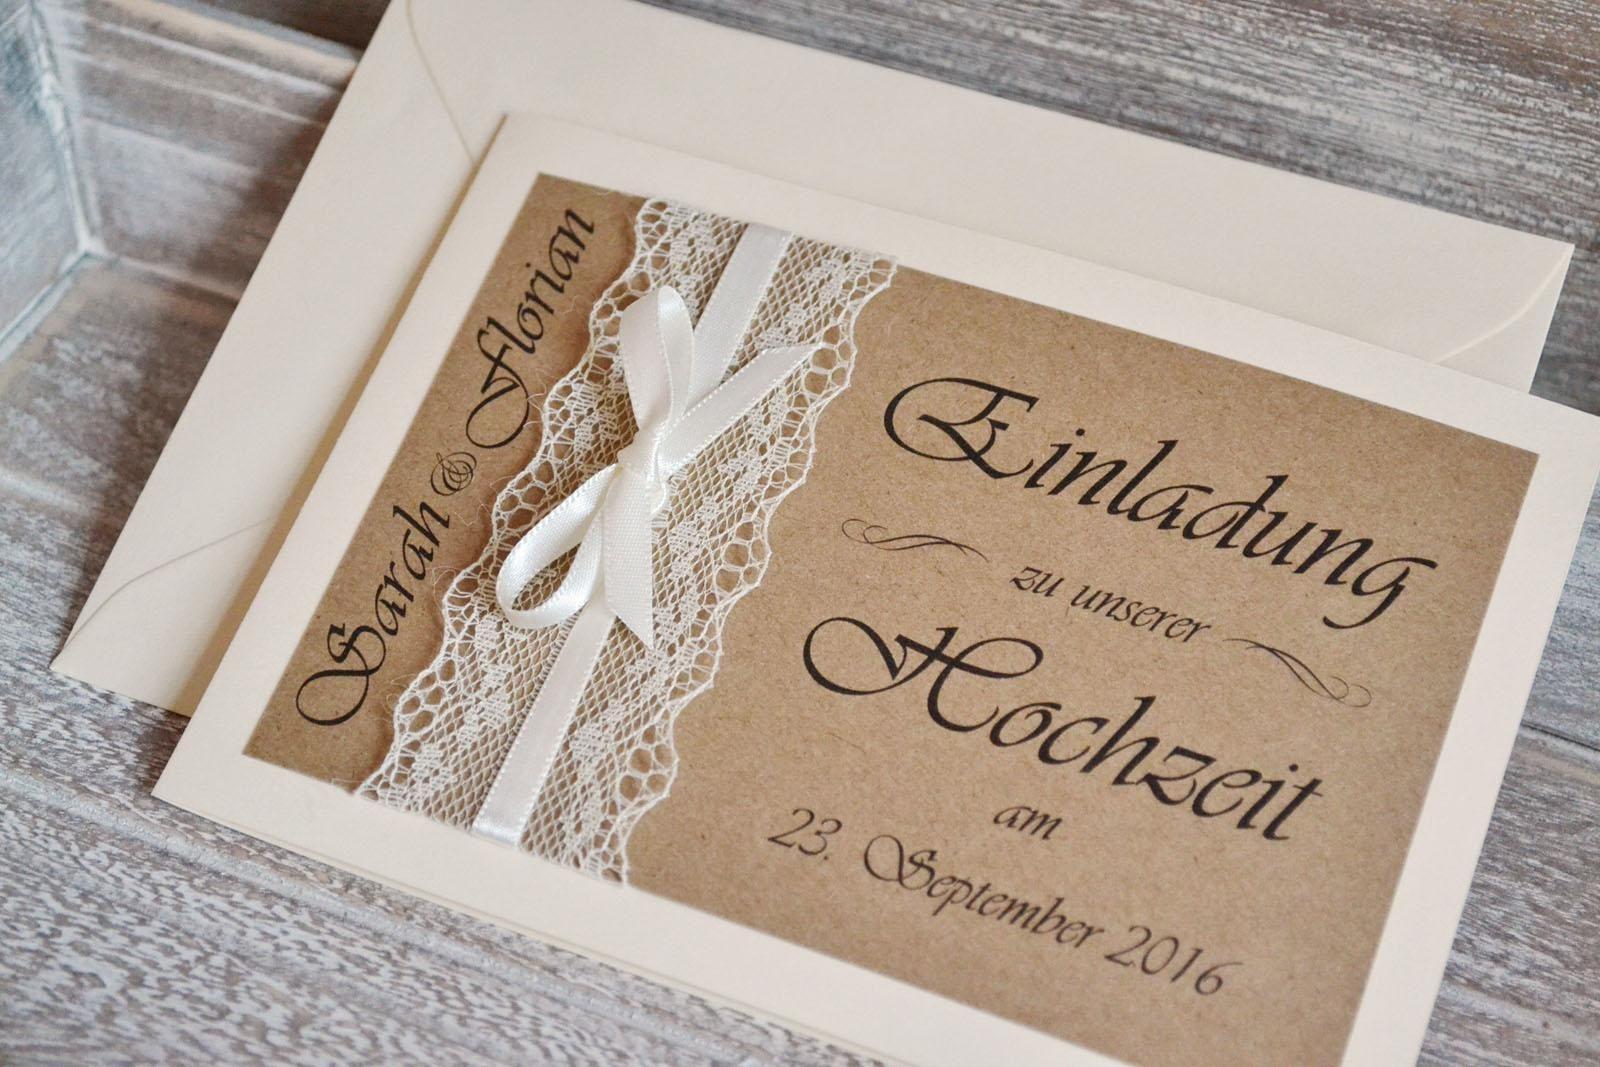 Die Besten 20+ Einladungskarten Online Ideen Auf Pinterest | Karten Online,  Grußkarten Online Und Hochzeitseinladungen Online